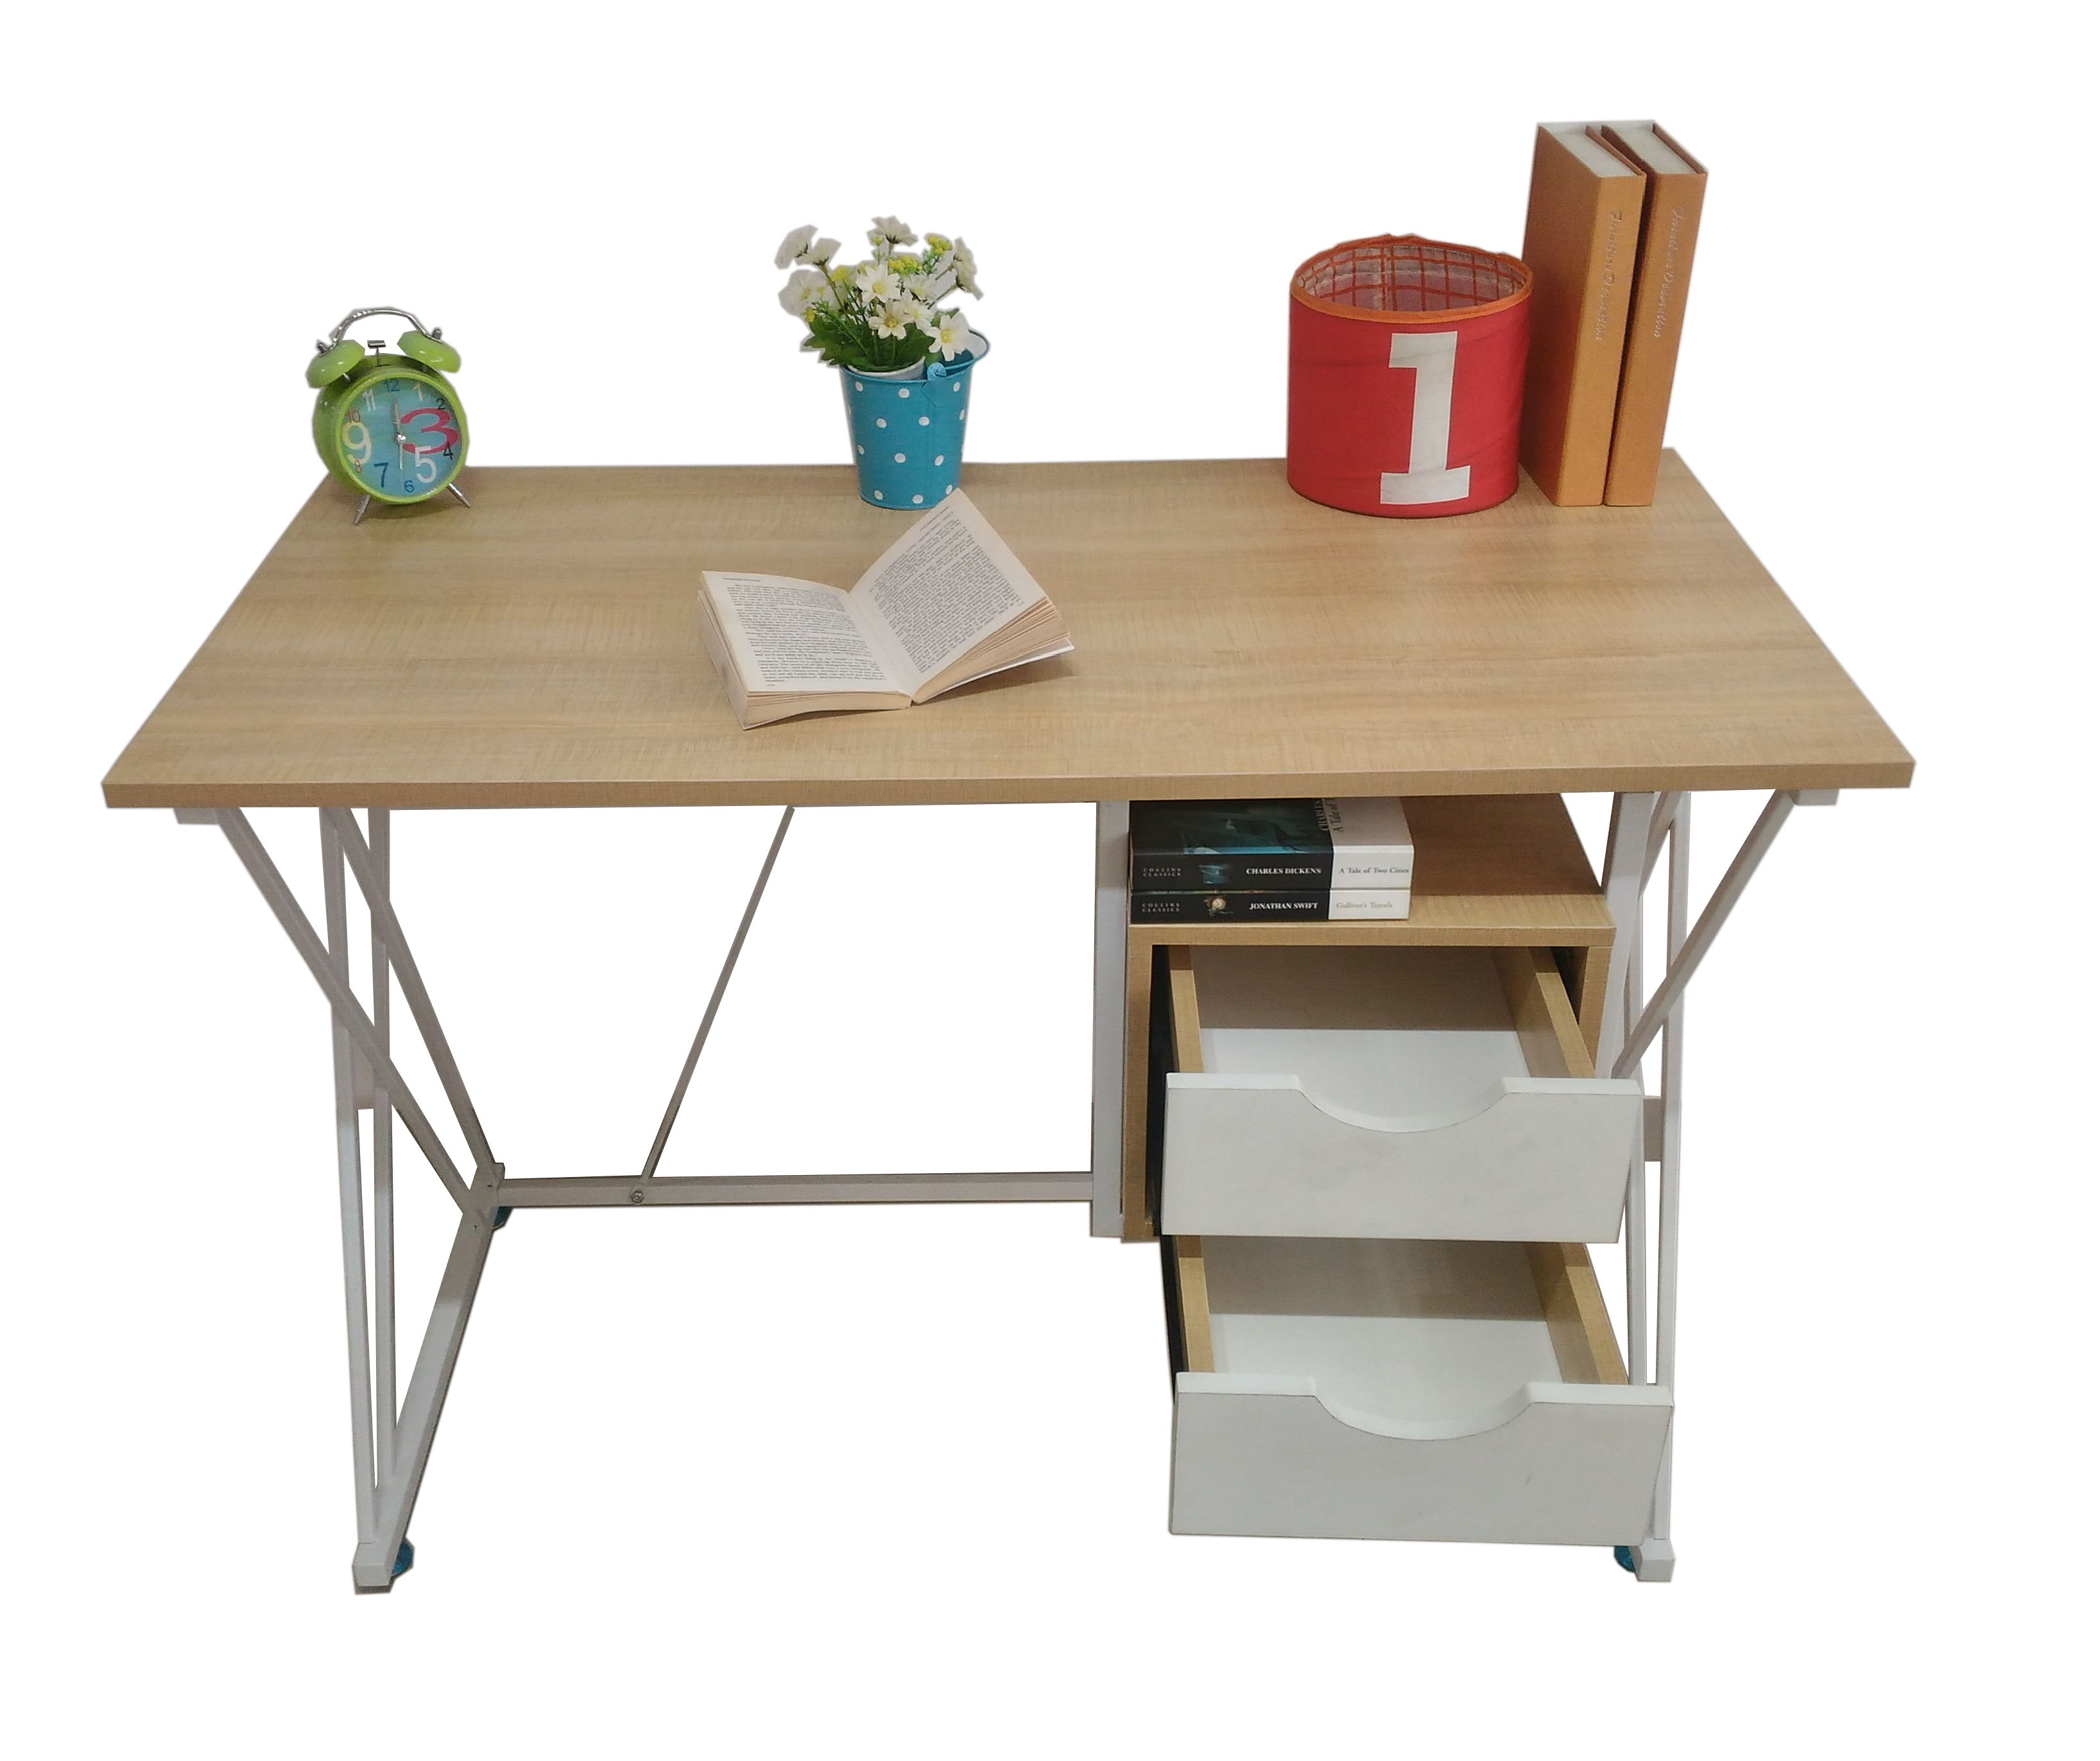 Studytable for kids DK8803_4